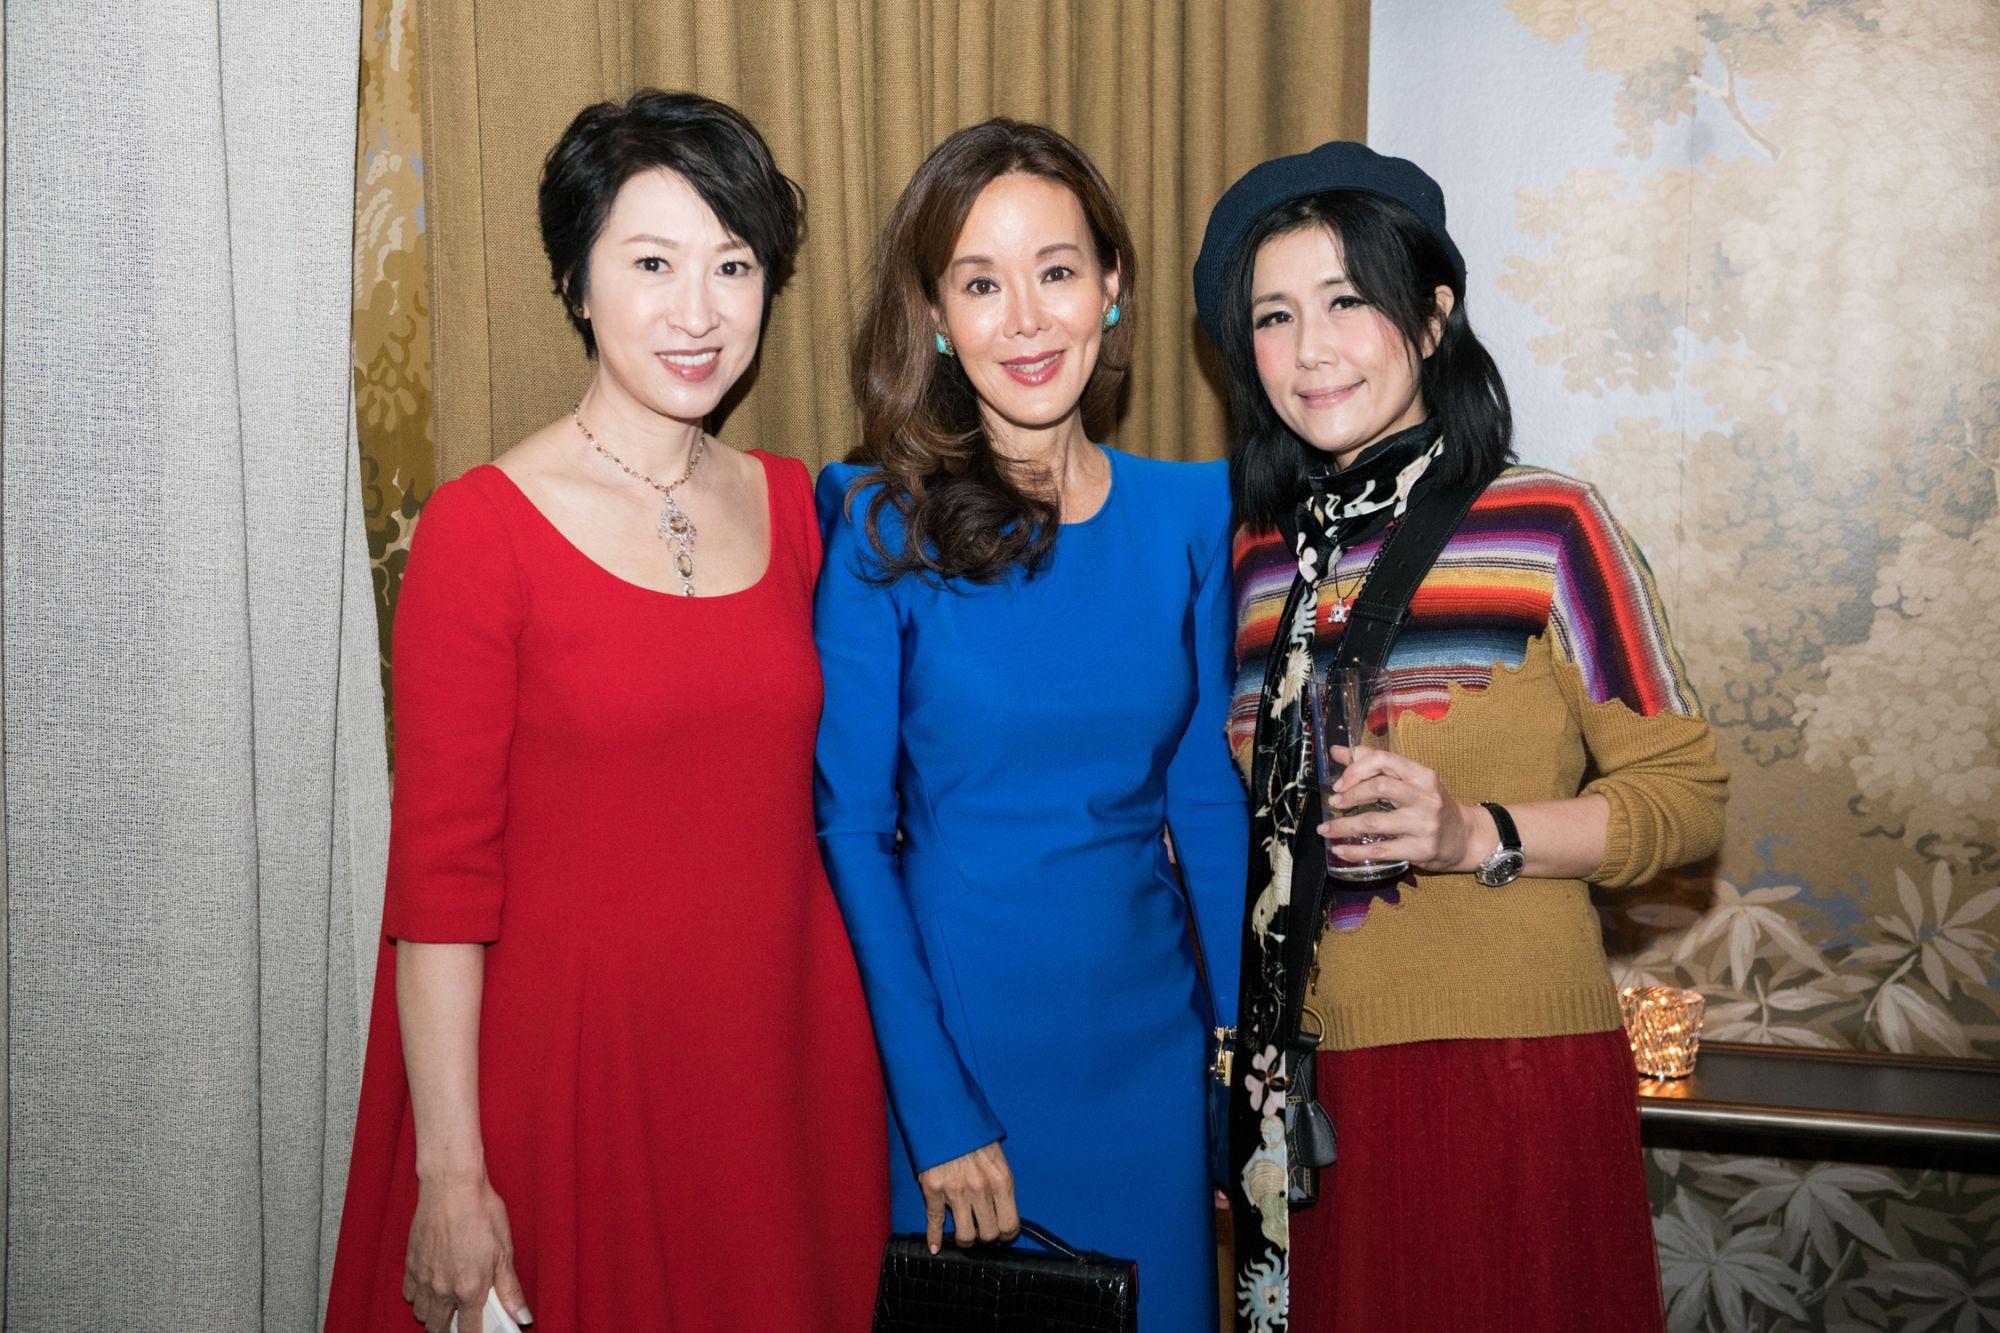 Michelle Ma, Jacqueline Leung, Denise Lo